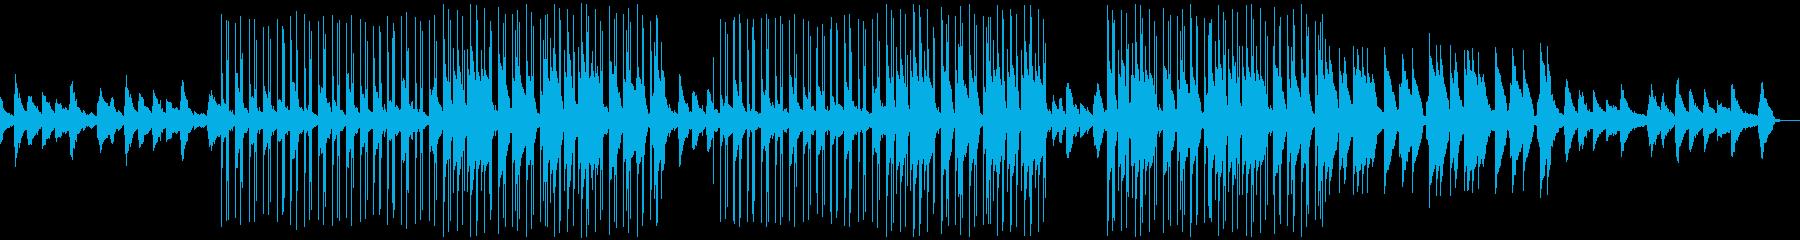 落ち着いた雰囲気のLofi Beatの再生済みの波形